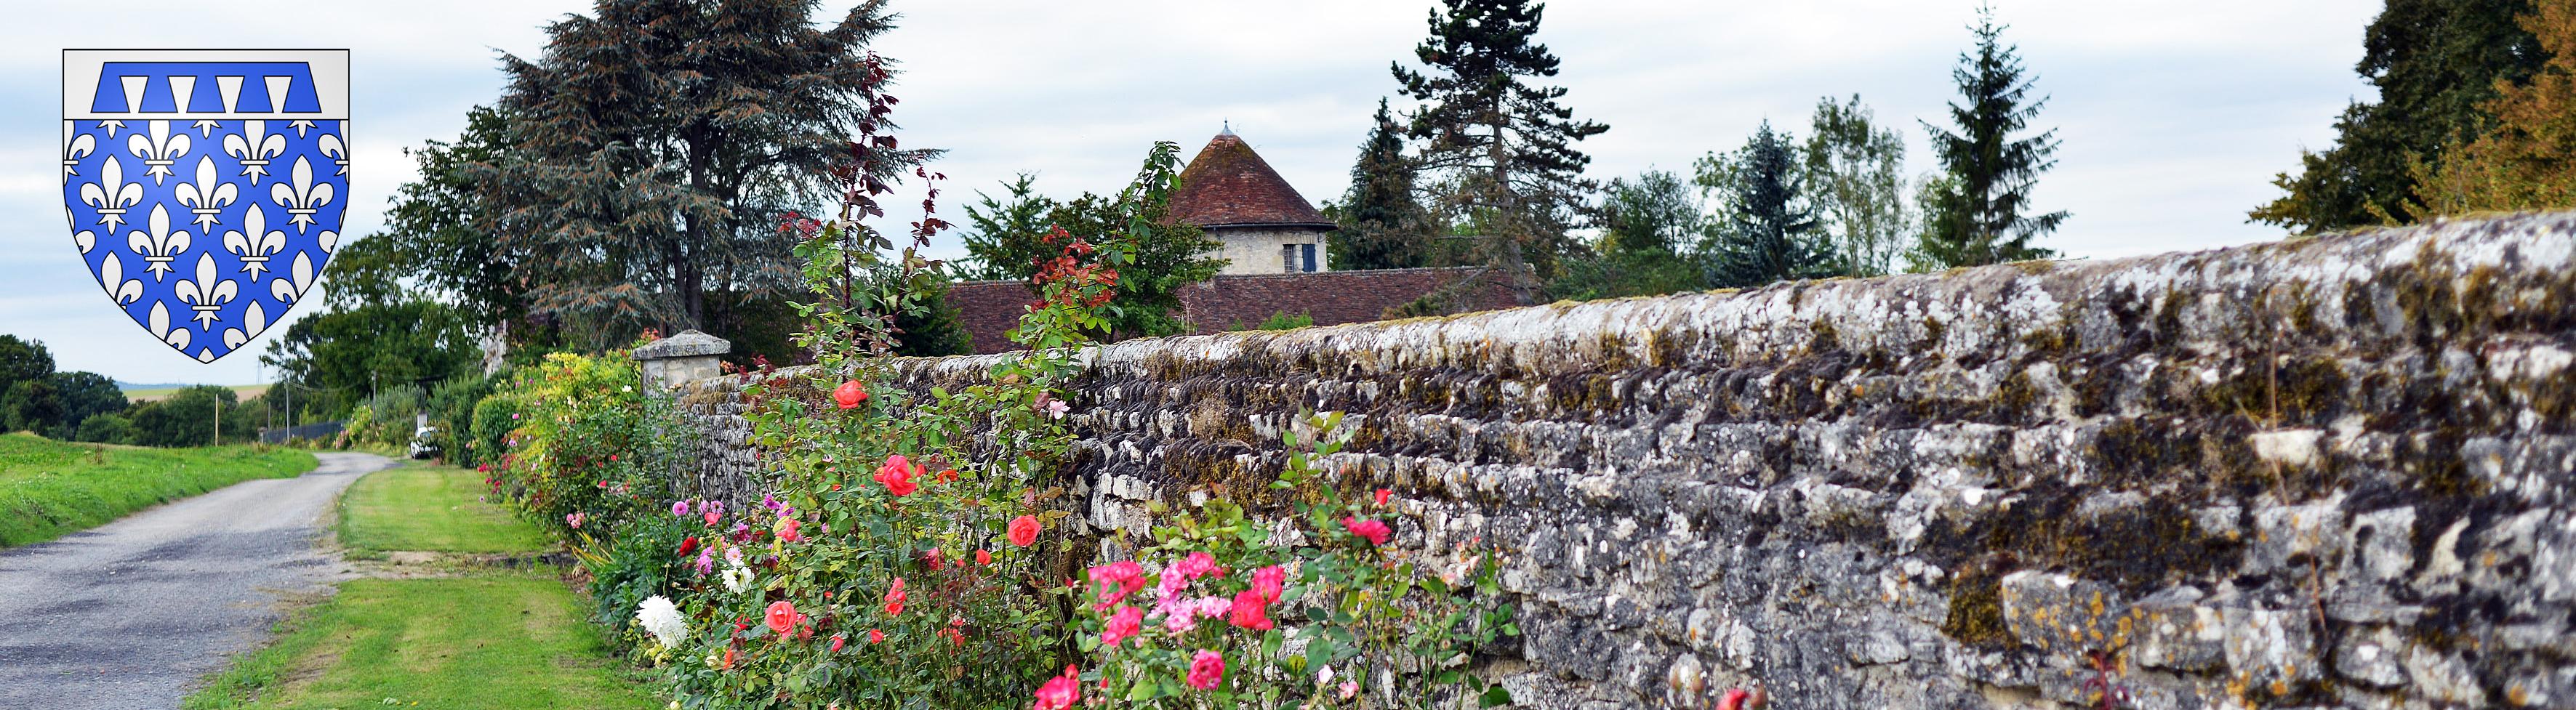 Commune de Néry